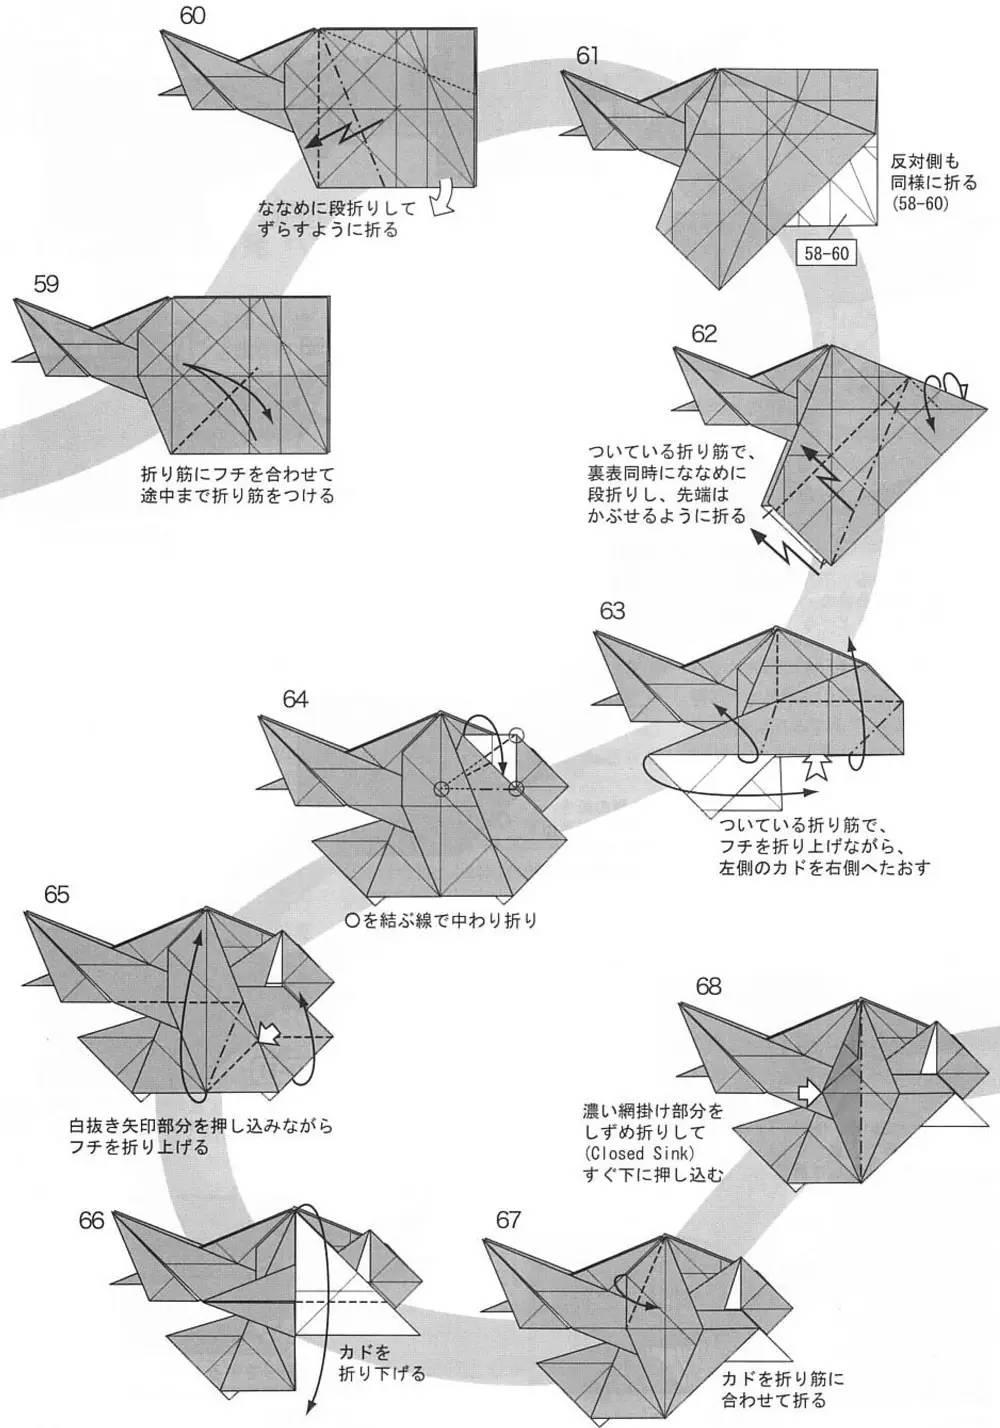 儿童折纸鲨鱼步骤图解